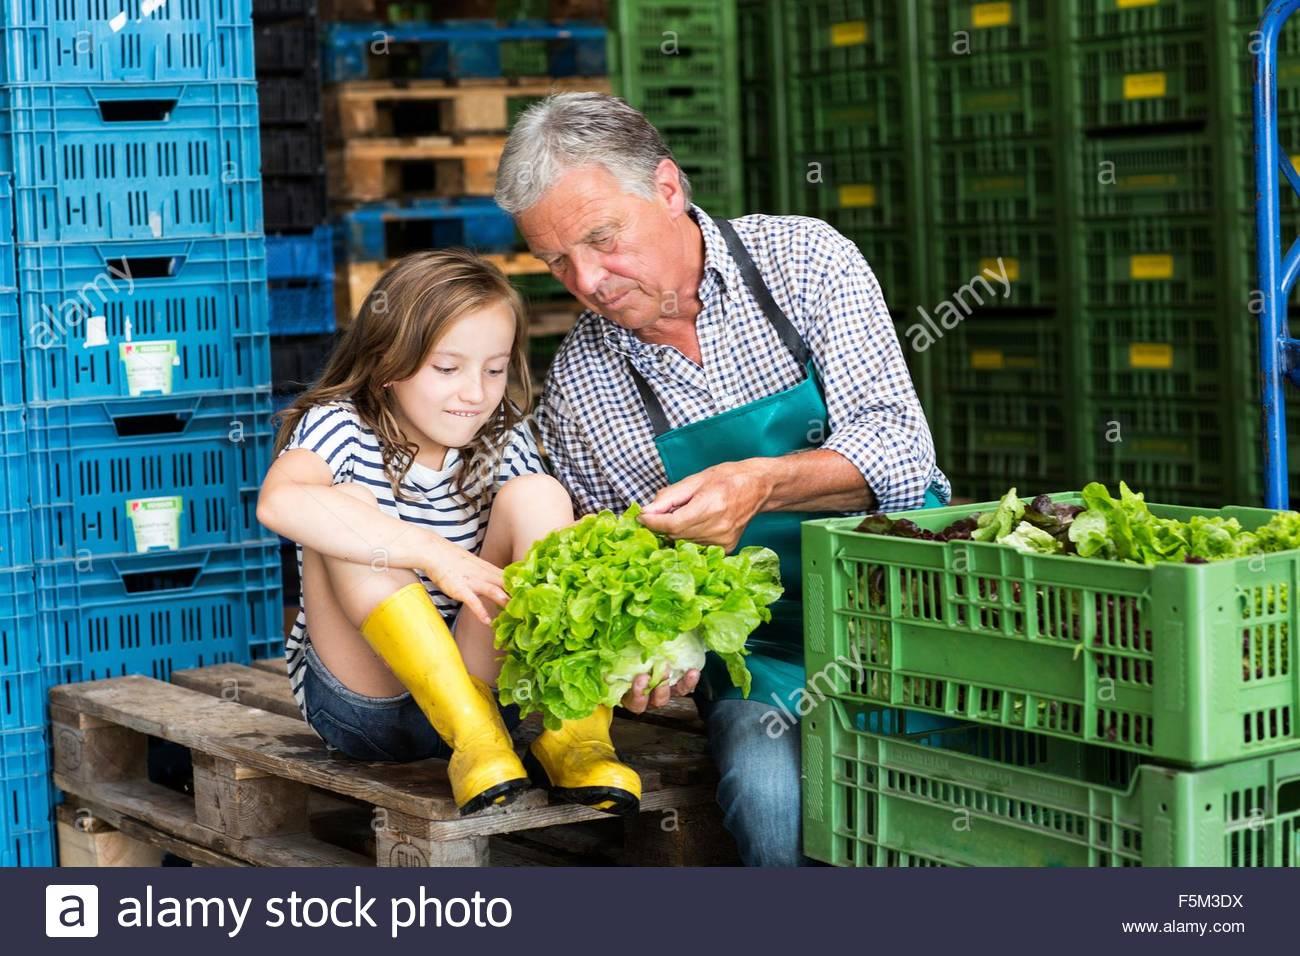 Großvater und Enkelin Qualitätsprüfung von Salat Stockbild